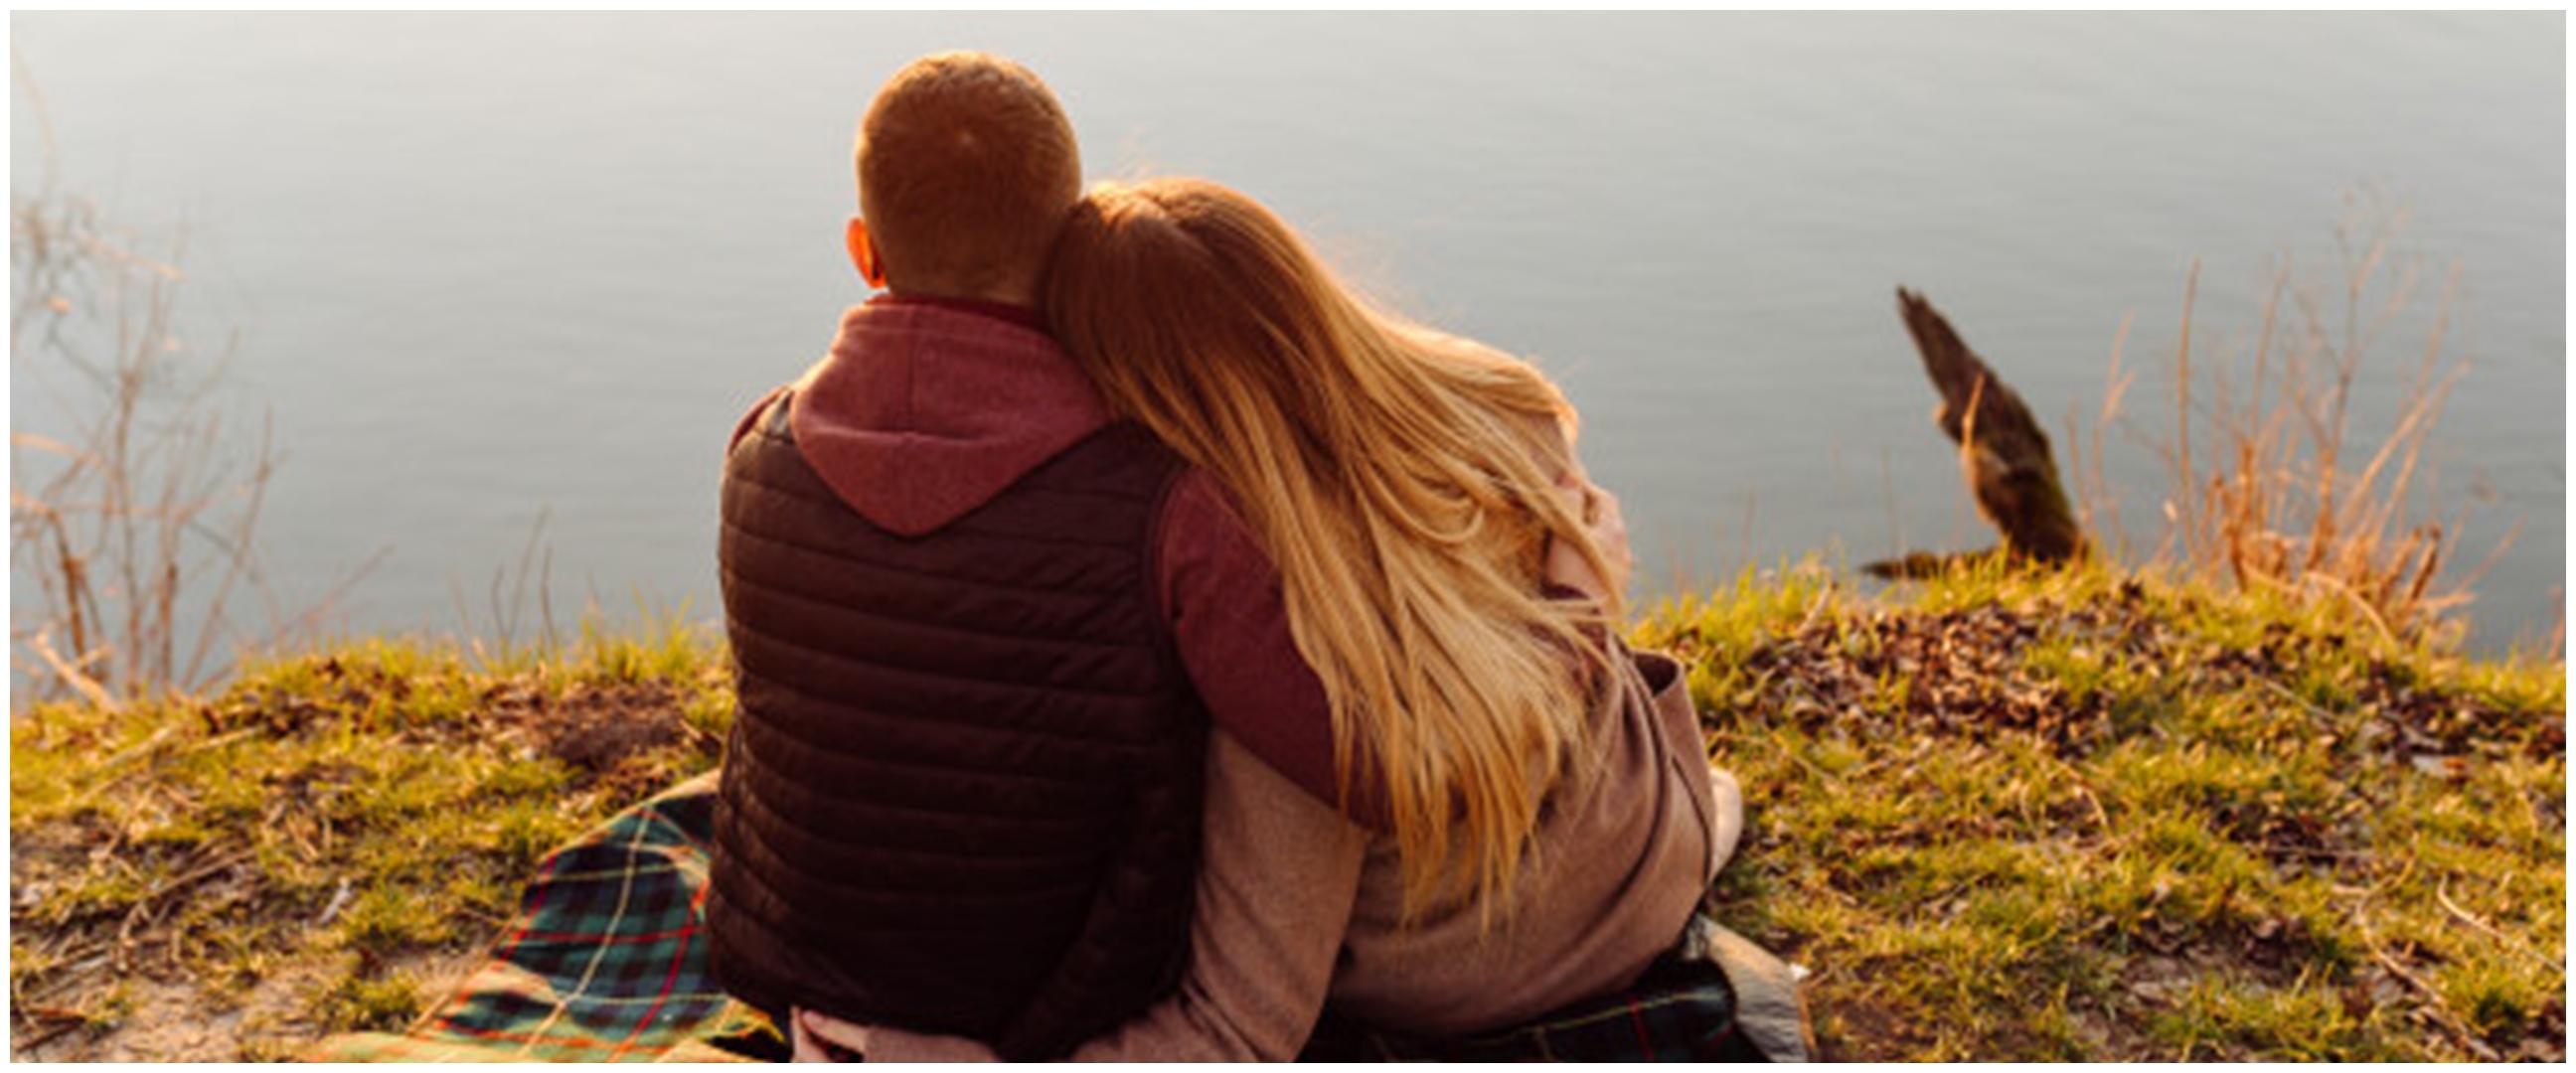 40 Kata-kata bijak tentang restu cinta, buat hati makin mantap